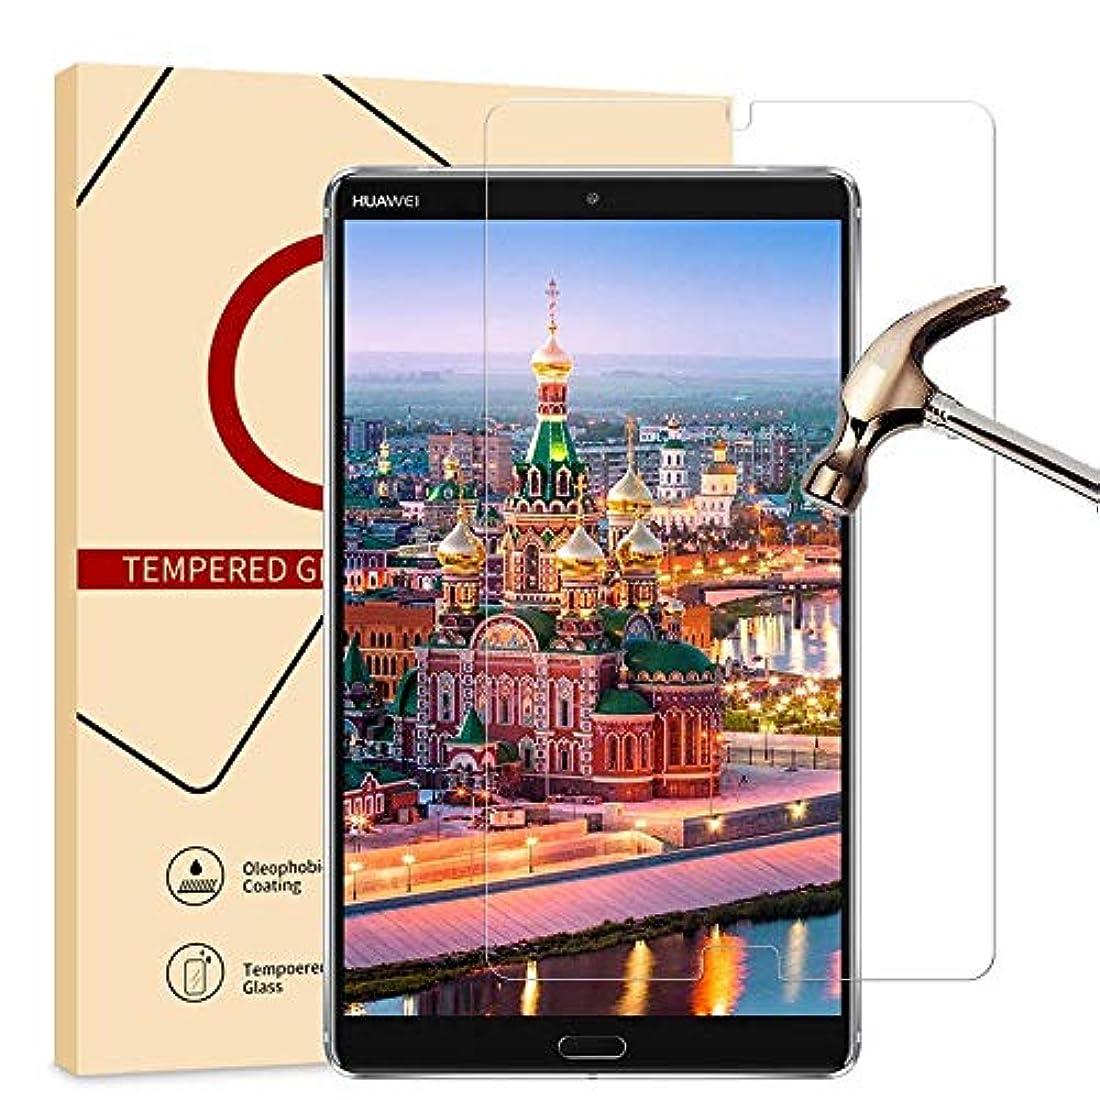 不満凍った時期尚早Huawei MediaPad M5 8.4 ガラス フィルム 指紋 防止 液晶 画面 保護 ファーウェイジャパン LTEモデル SHT-AL09 SIMフリー 対応 滑らか 2.5D 感度良好 耐衝撃 硬度9H 強化 GLASS クリア